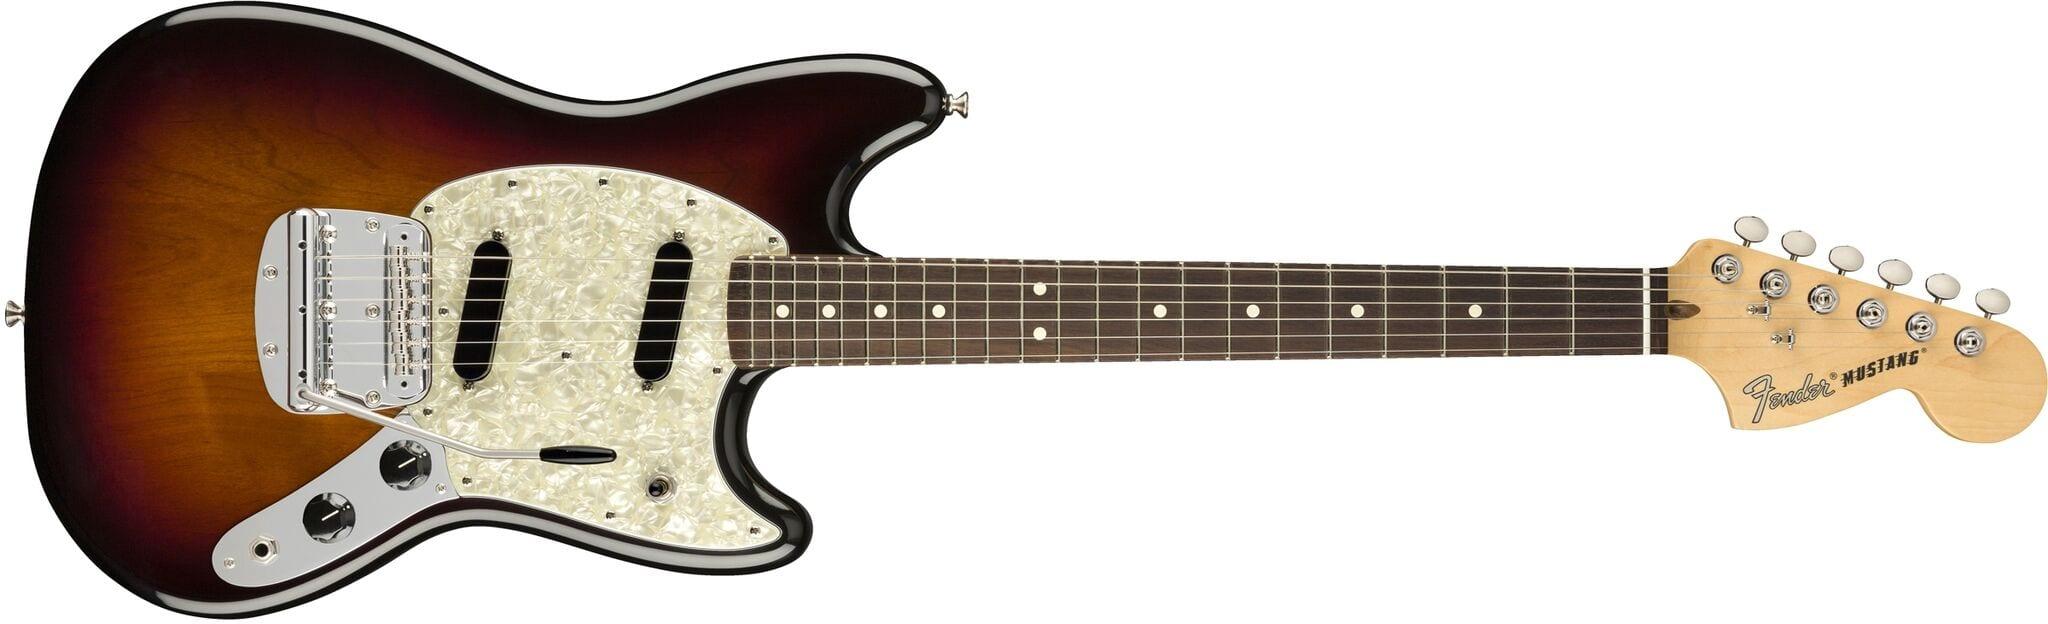 Fender American Performer Series Mustang